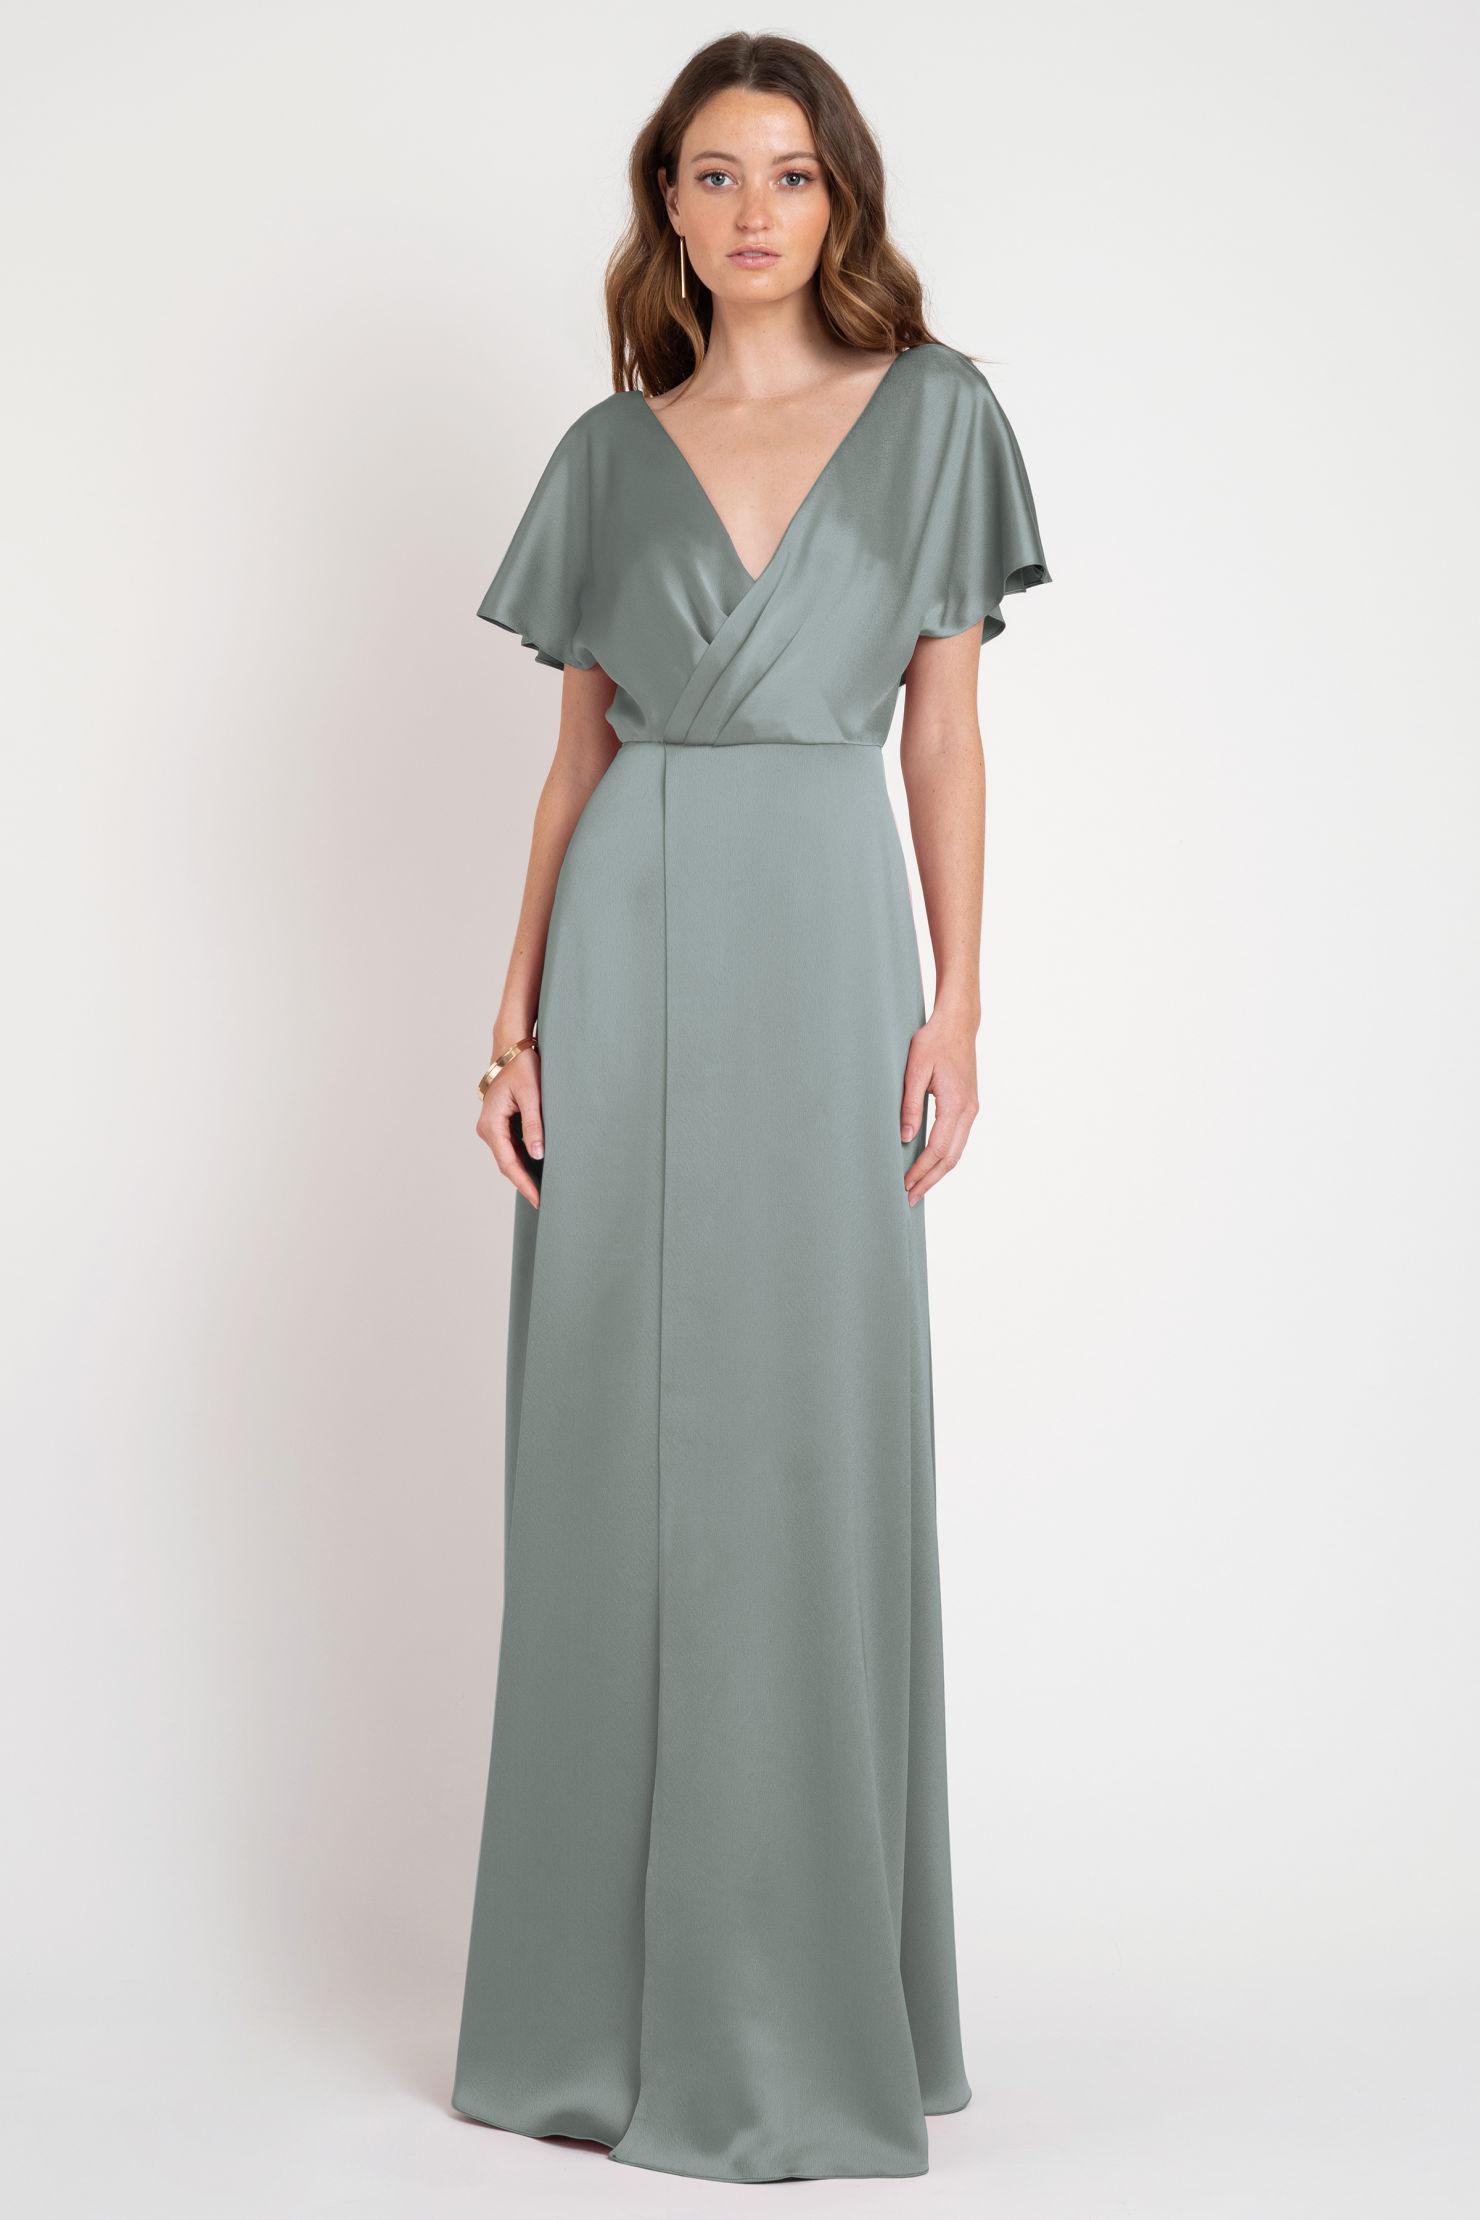 Raya Bridesmaids Dress by Jenny Yoo - Moss Green